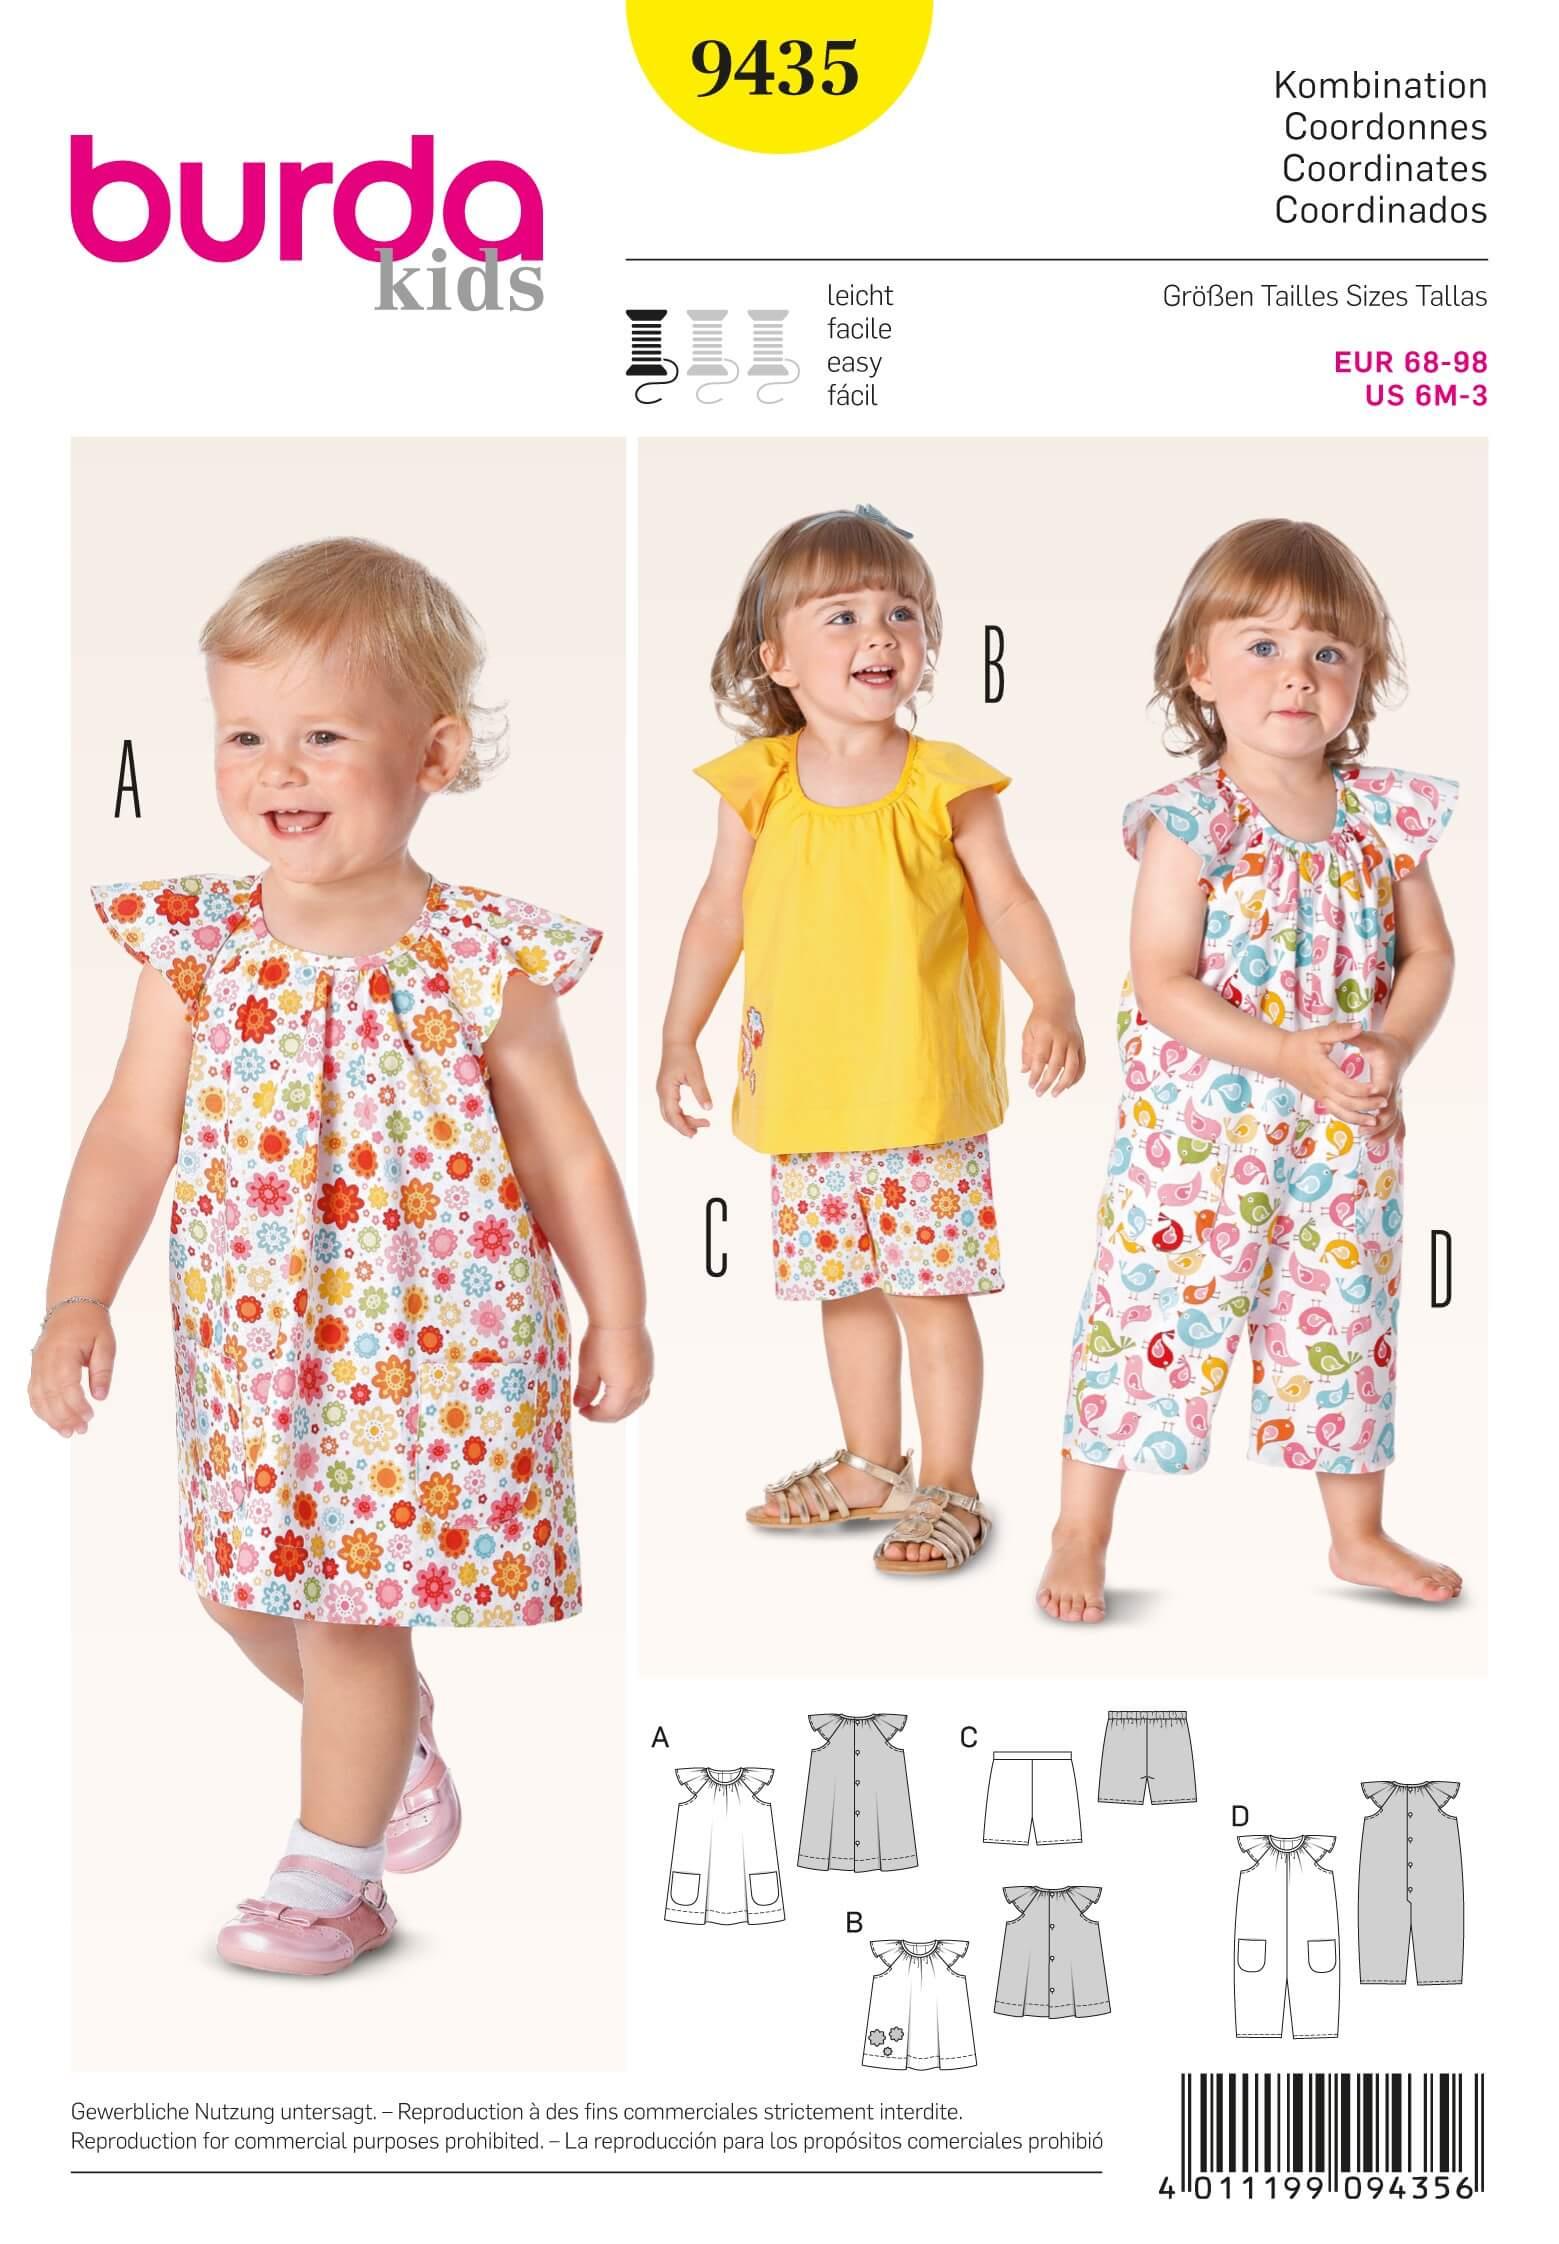 Burda Kids Toddler Dress Top Shorts Playsuit Fabric Sewing Pattern 9435